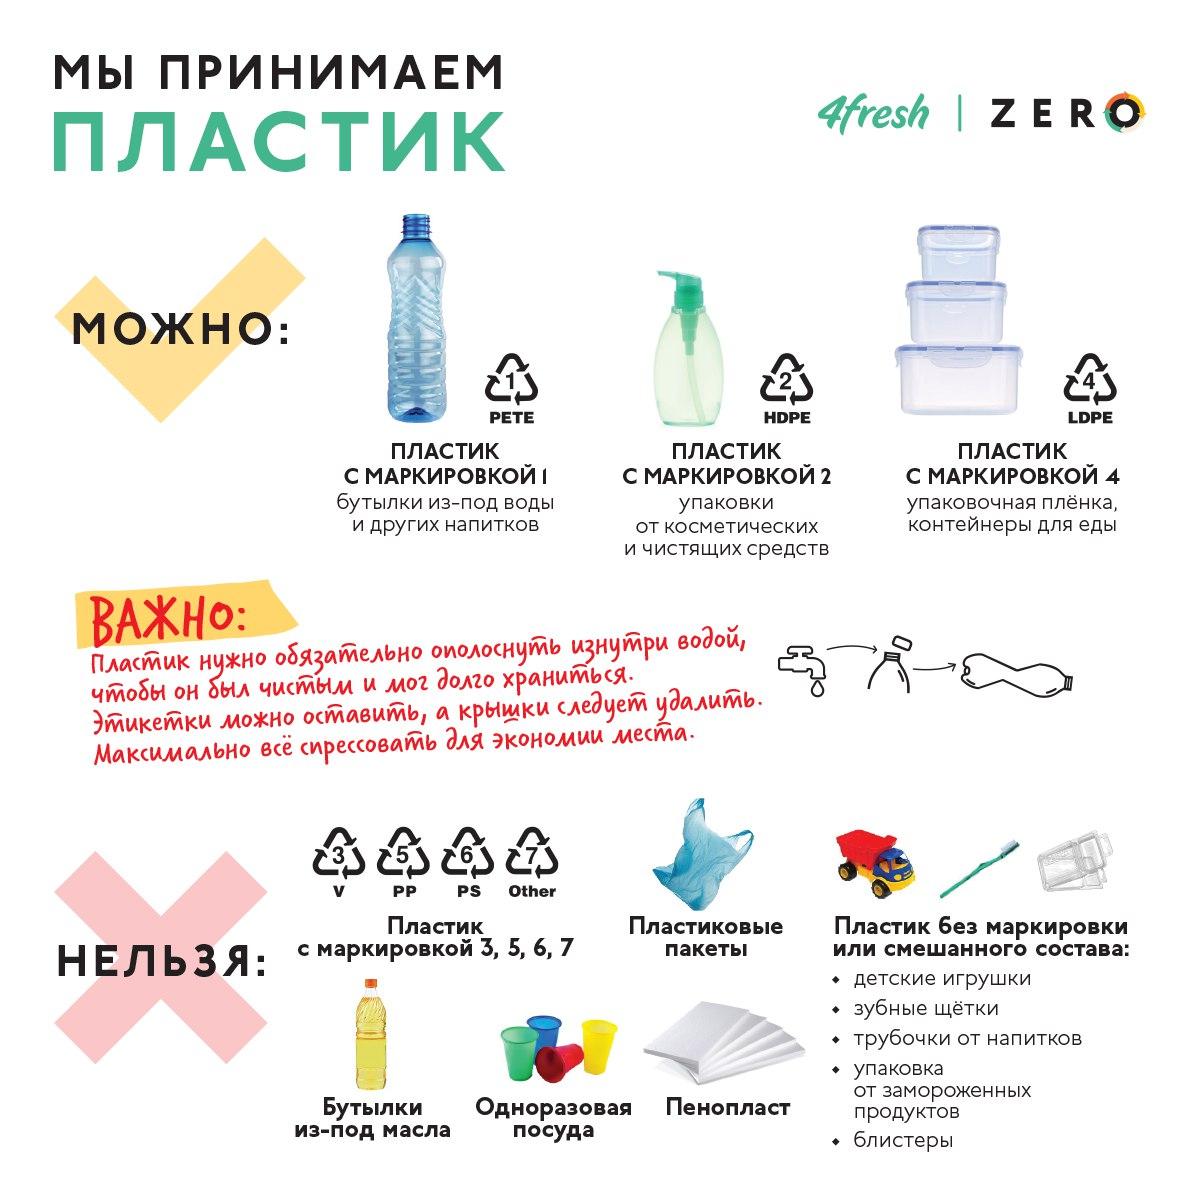 Макулатура и пластик переработка макулатуры санкт-петербург